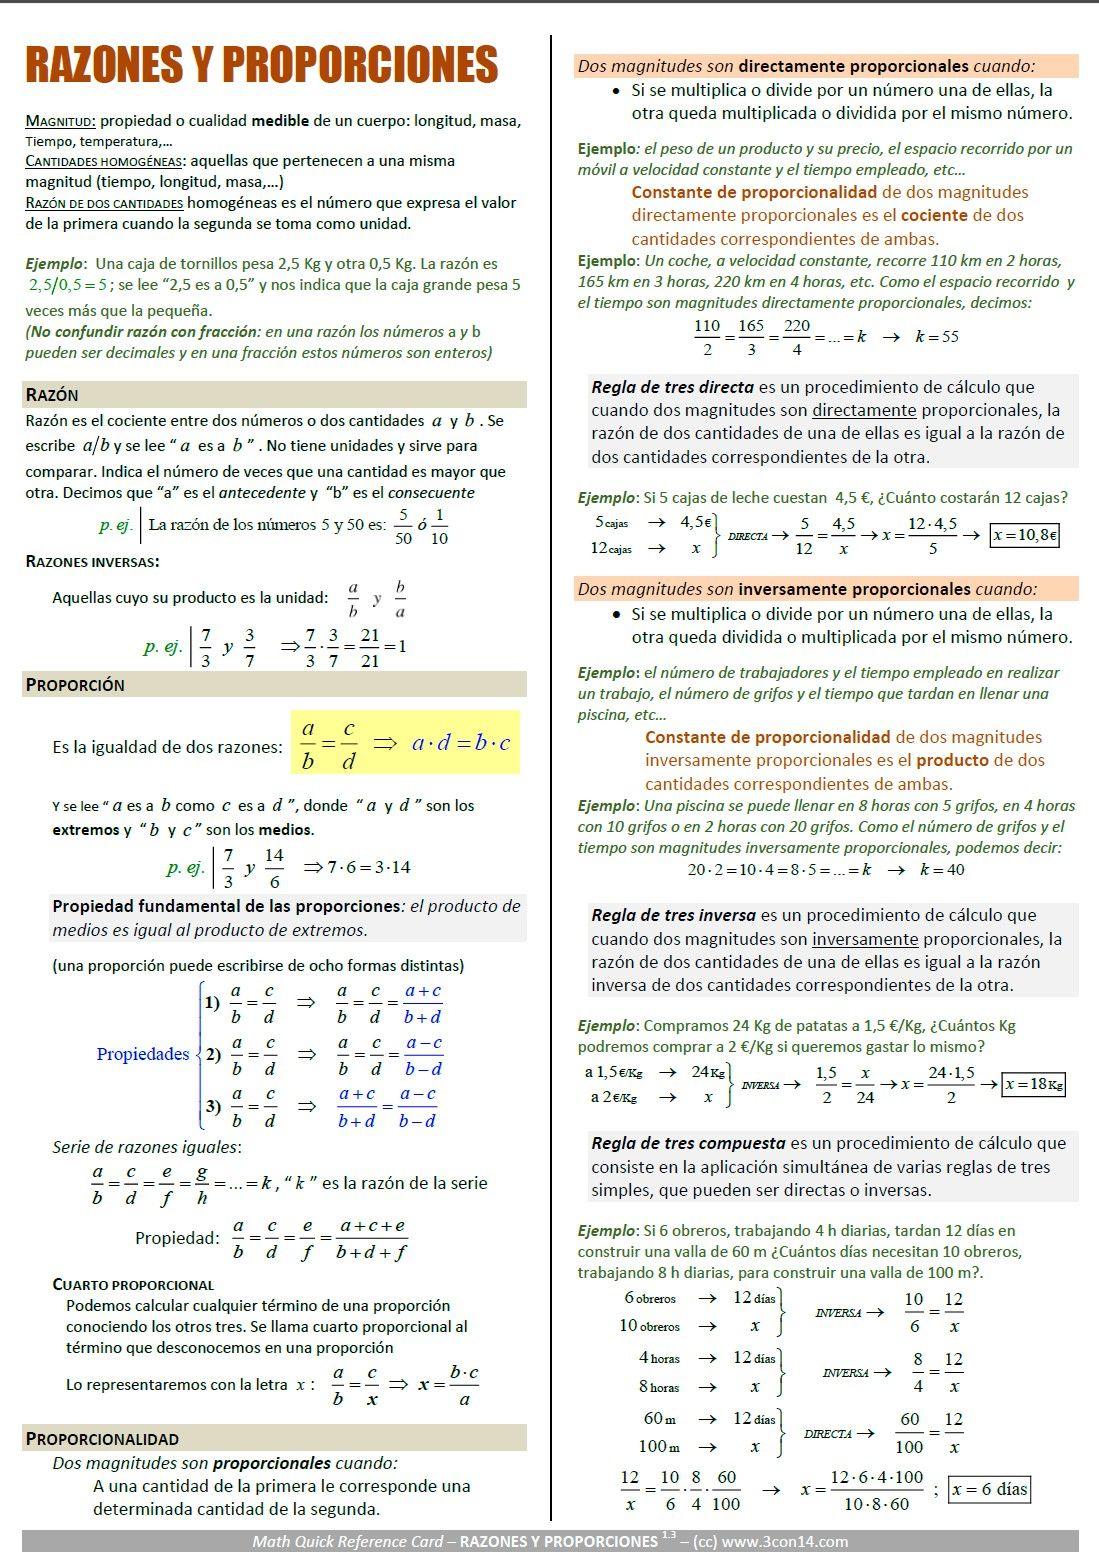 Proporcionalidad Razones Y Proporciones Con Imagenes